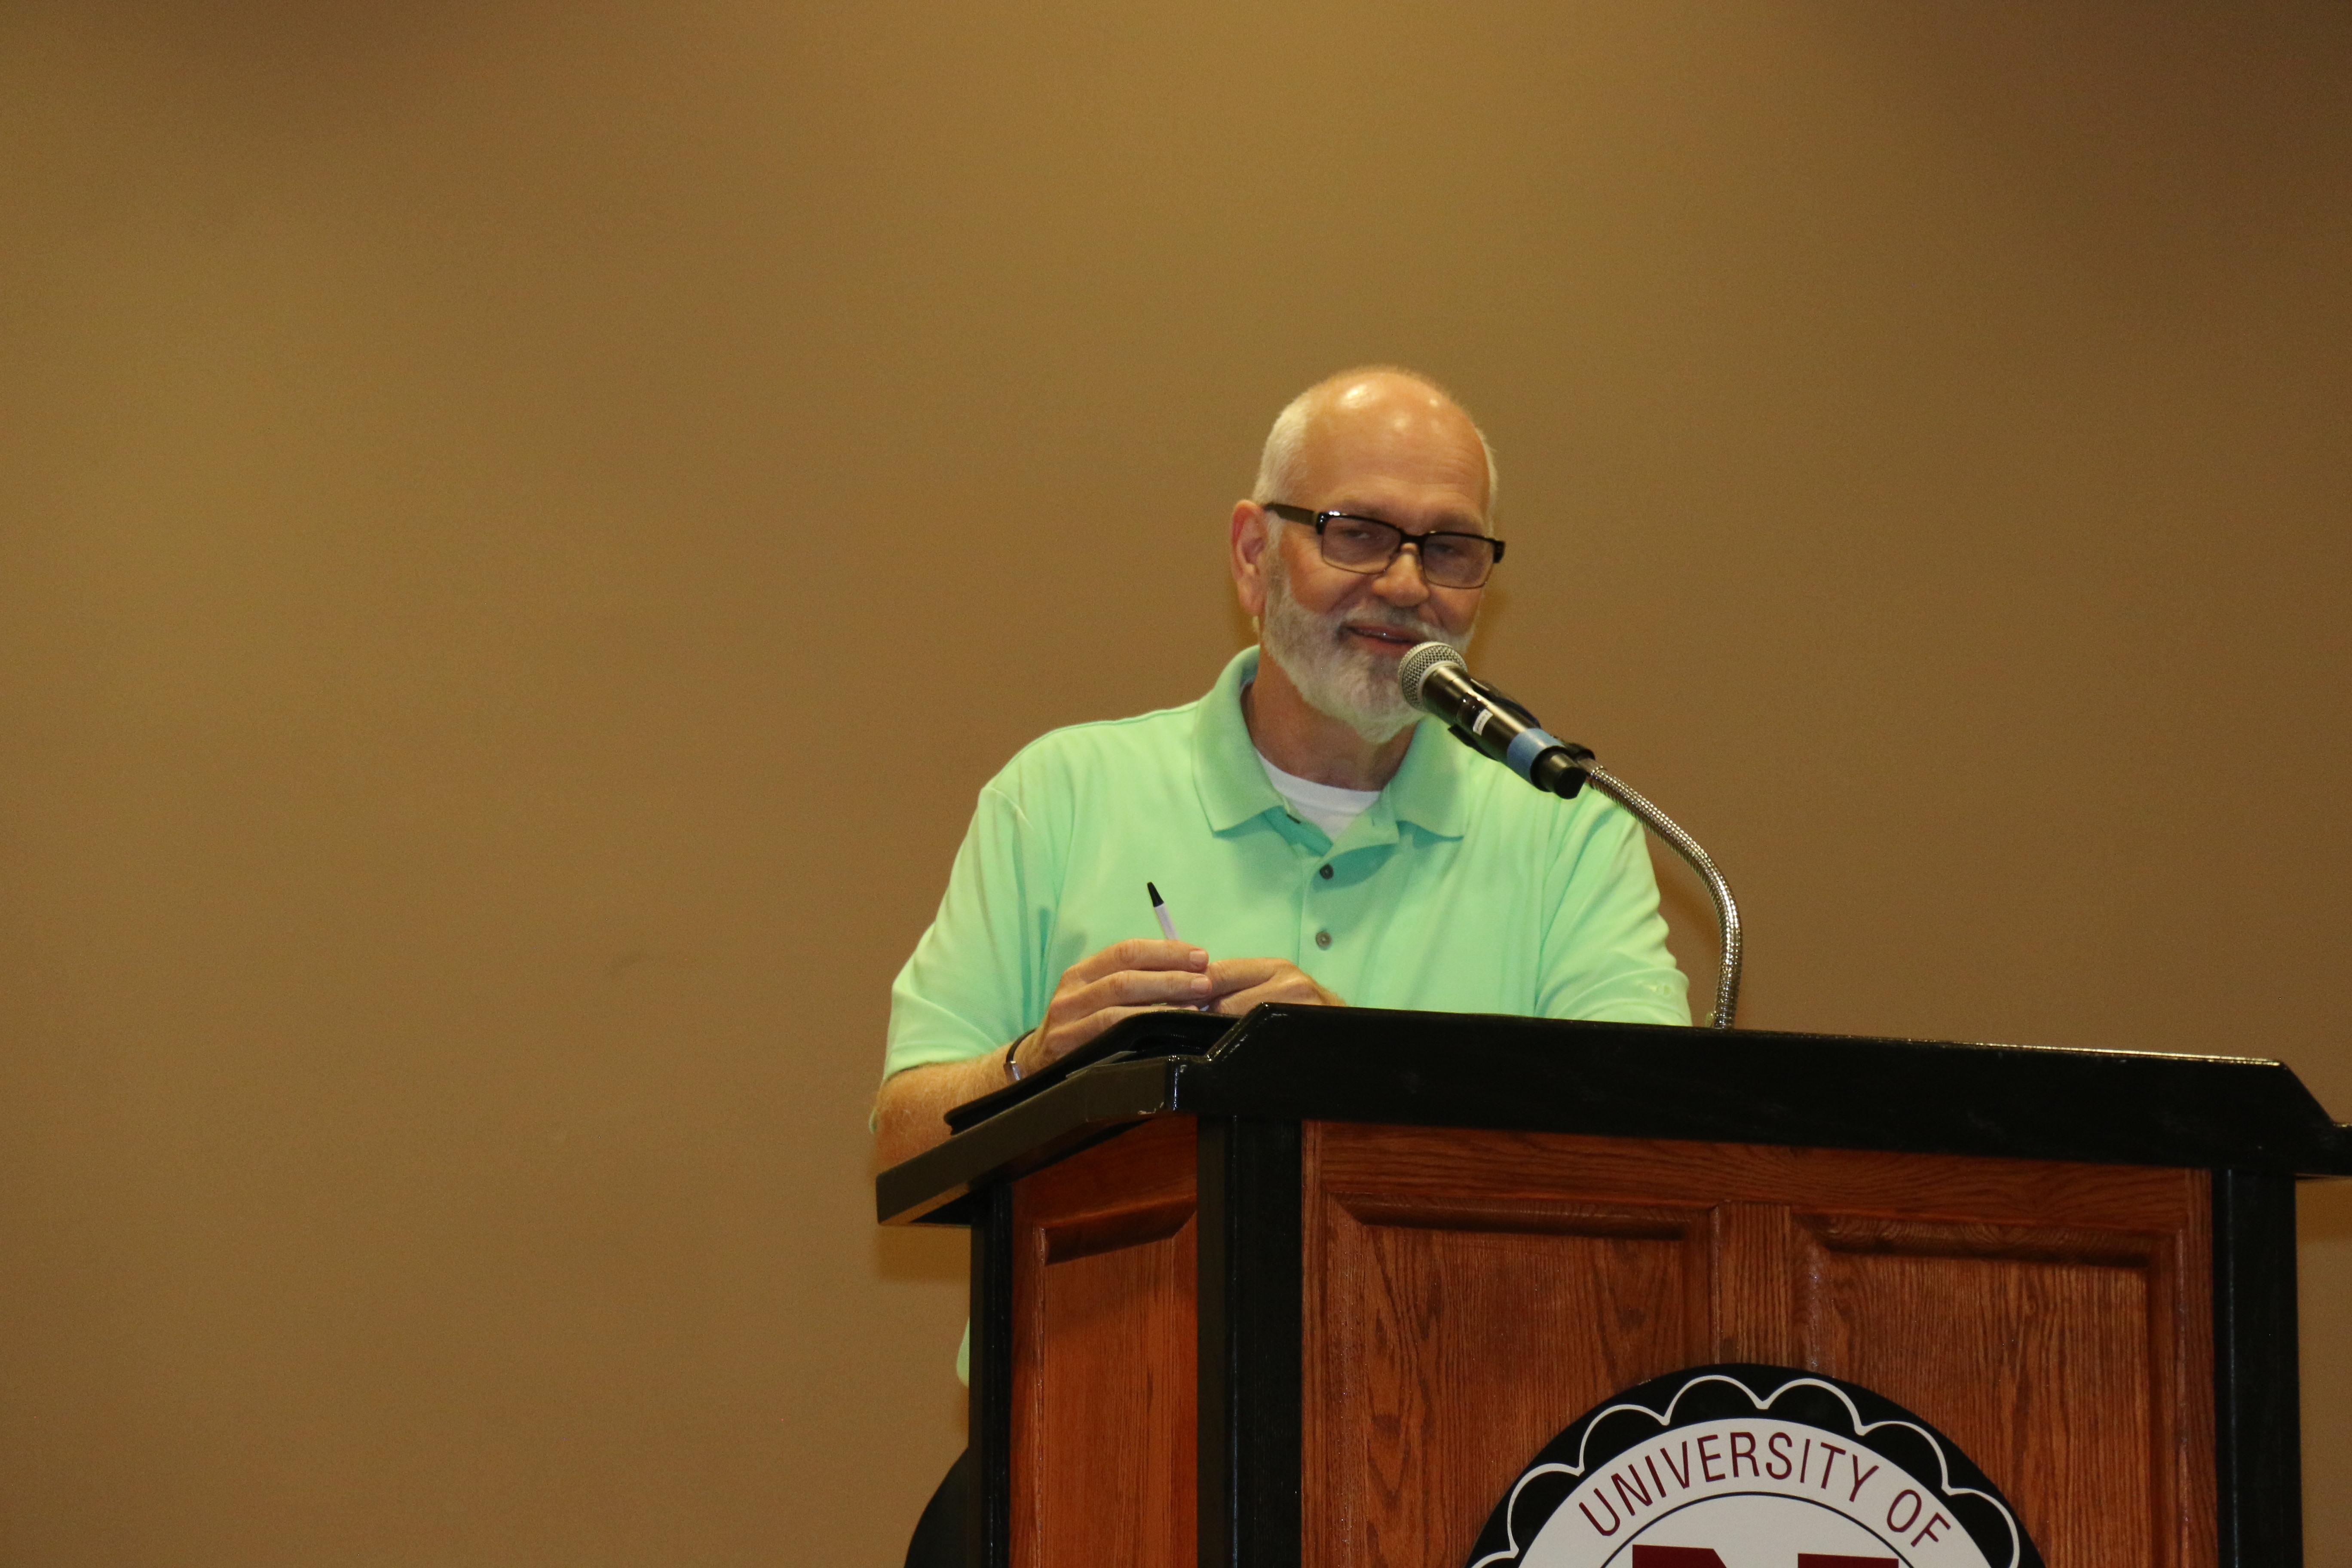 Pastor Mike Spaulding